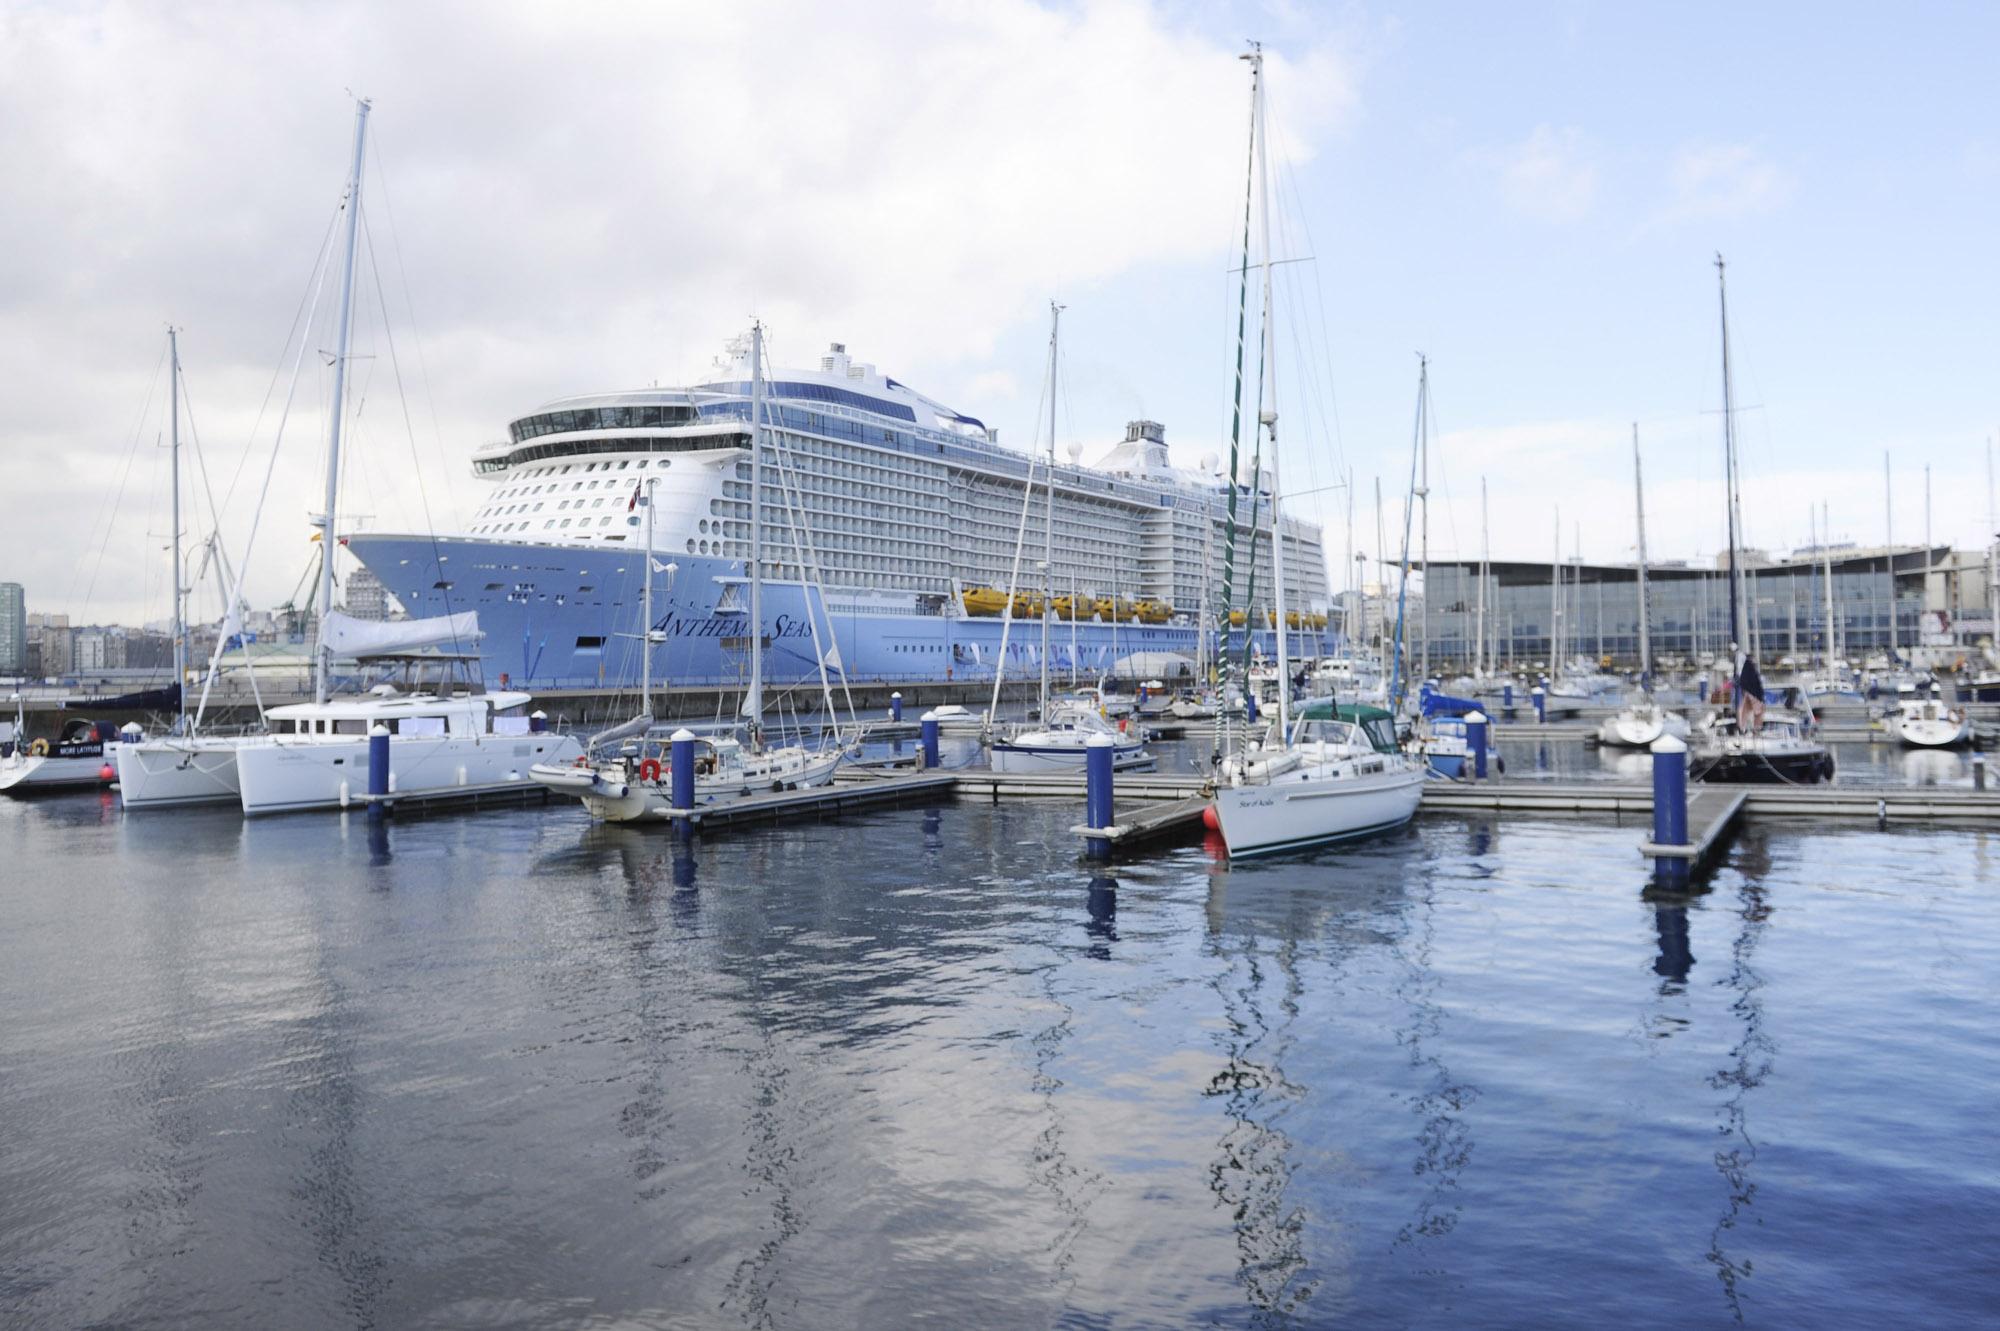 El Anthem of the Seas de Royal Caribbean es el barco de cruceros más grande que ha atracado hasta el momento en el Puerto de A Coruña